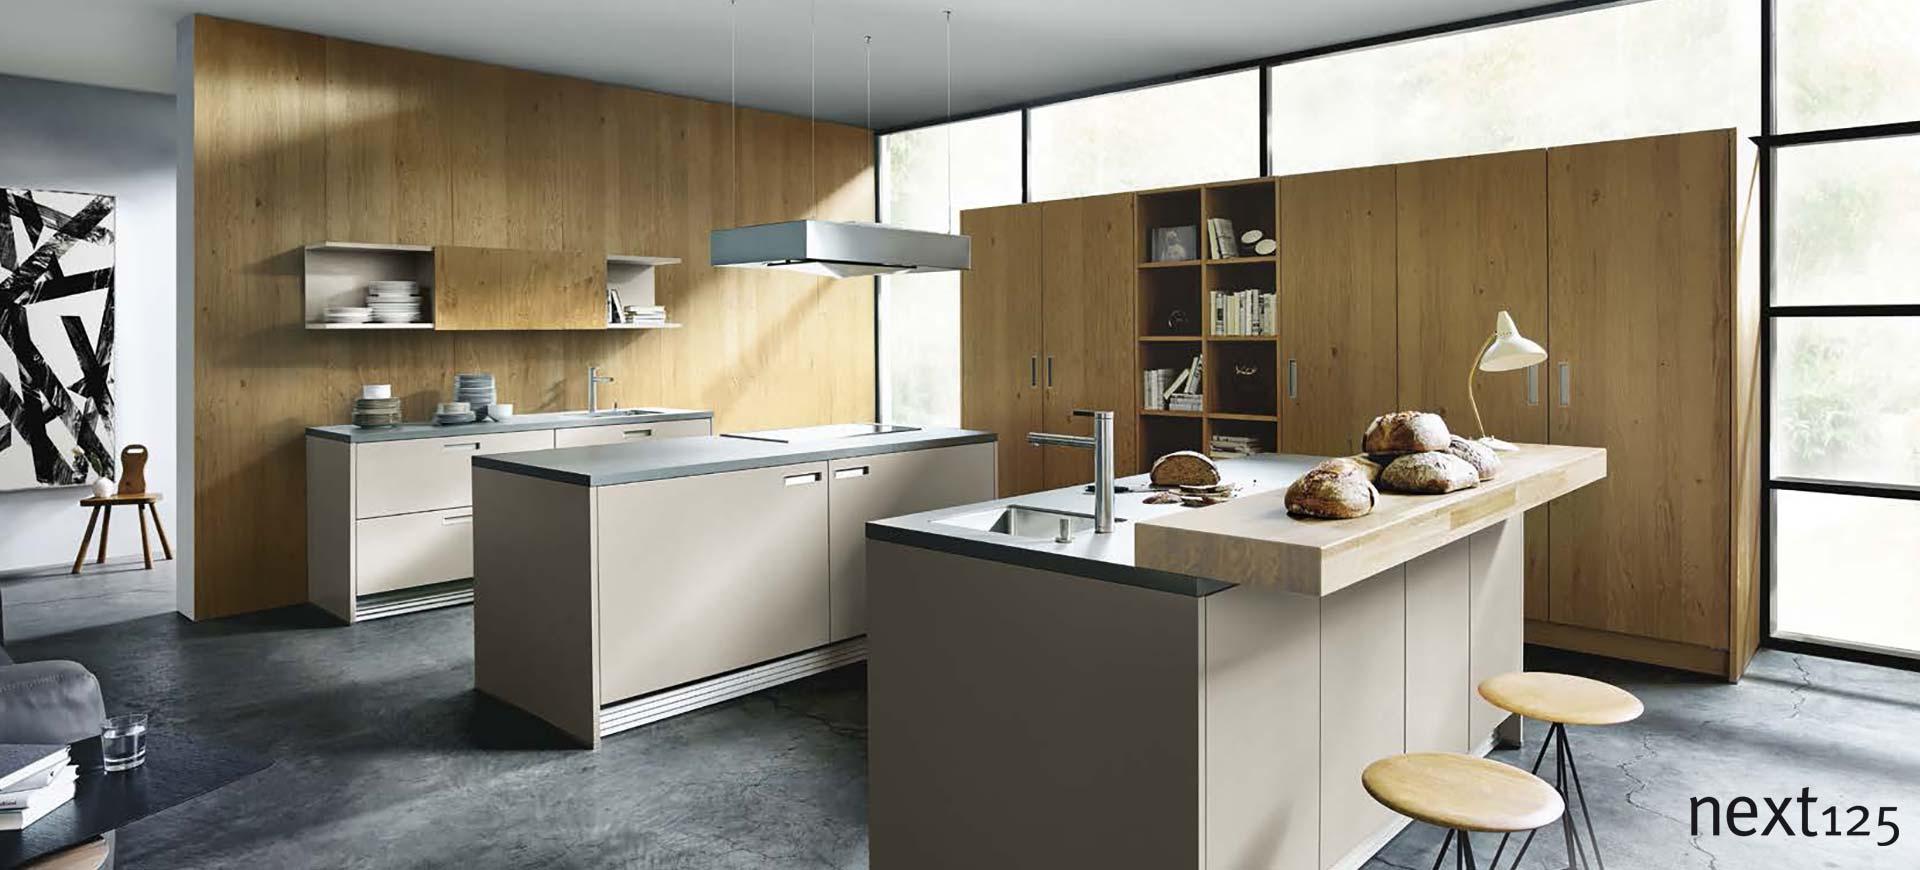 Niedlich Küchen Design Vorlagen Galerie - Entry Level Resume ...